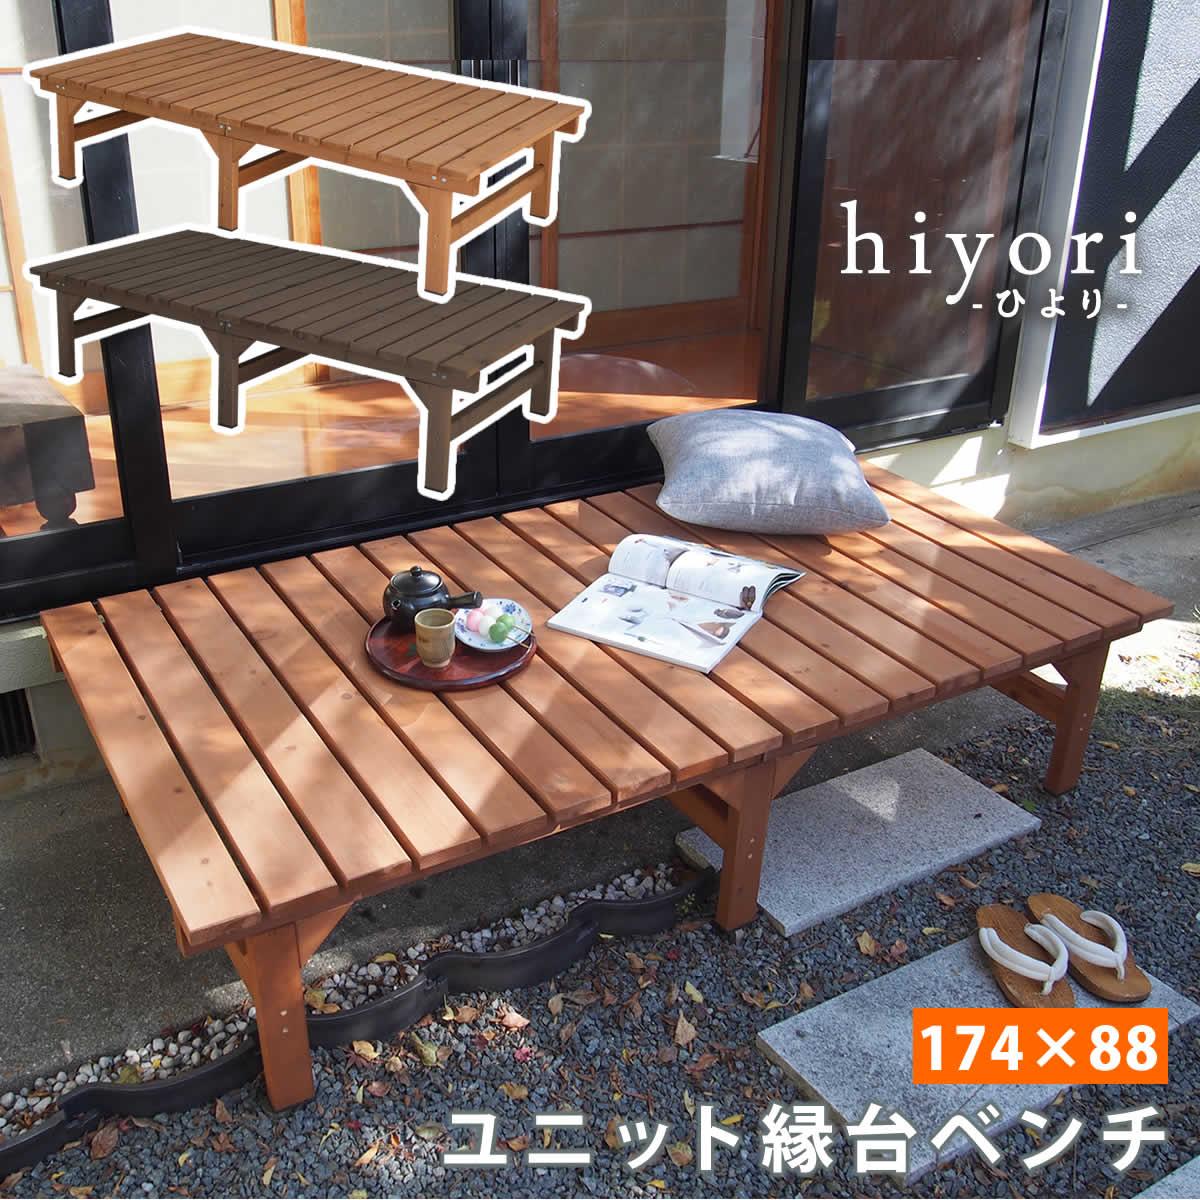 ユニット縁台ベンチ ひより 174×88 単品 ウッドデッキ 簡単組立 椅子 縁側 DIY 木製 天然木 庭 ベランダ マンション おしゃれ ガーデン 屋外 家具 ライトブラウン ダークブラウン アウトドアリビング ベンチ 木製縁台